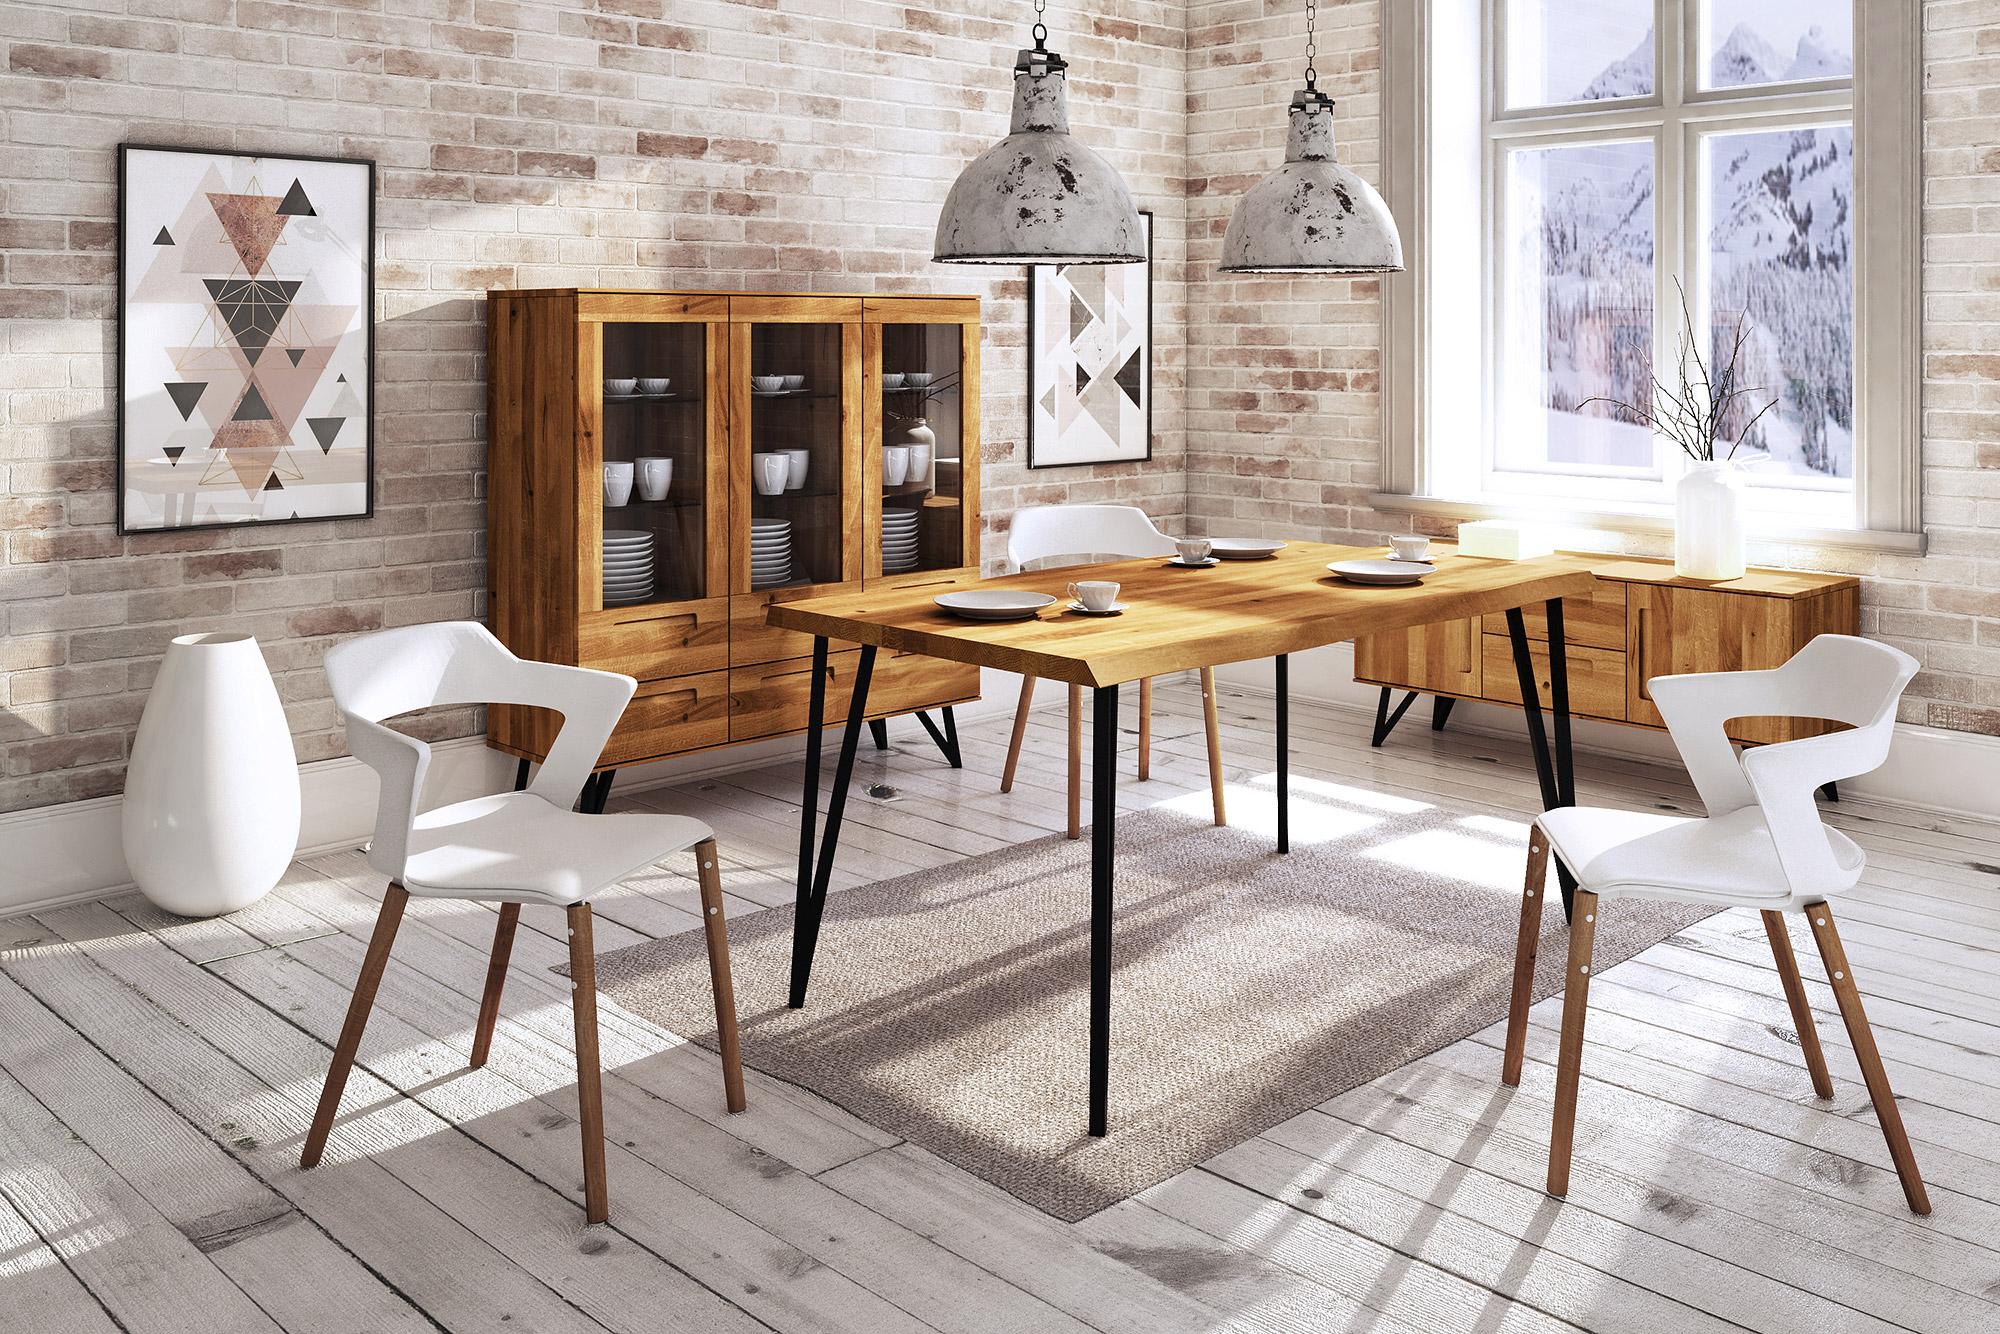 Zdjęcie 2 - GOLO - Kolekcja mebli do jadalni z drewna litego